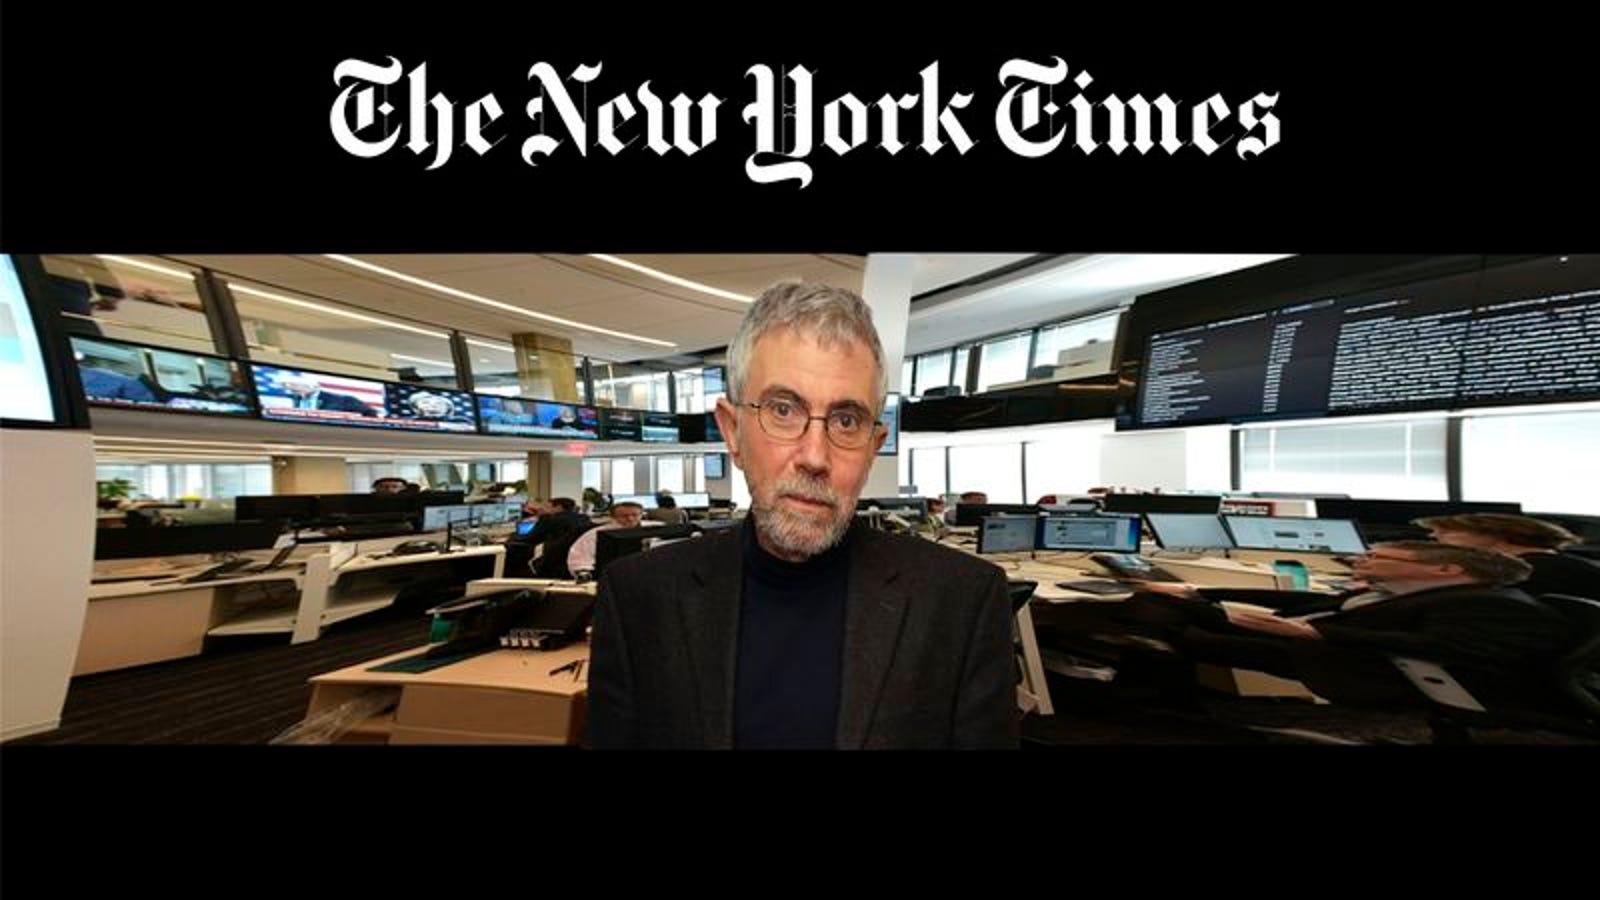 'New York Times' VR Program Takes User Inside Immersive, 3D World Of Paul Krugman